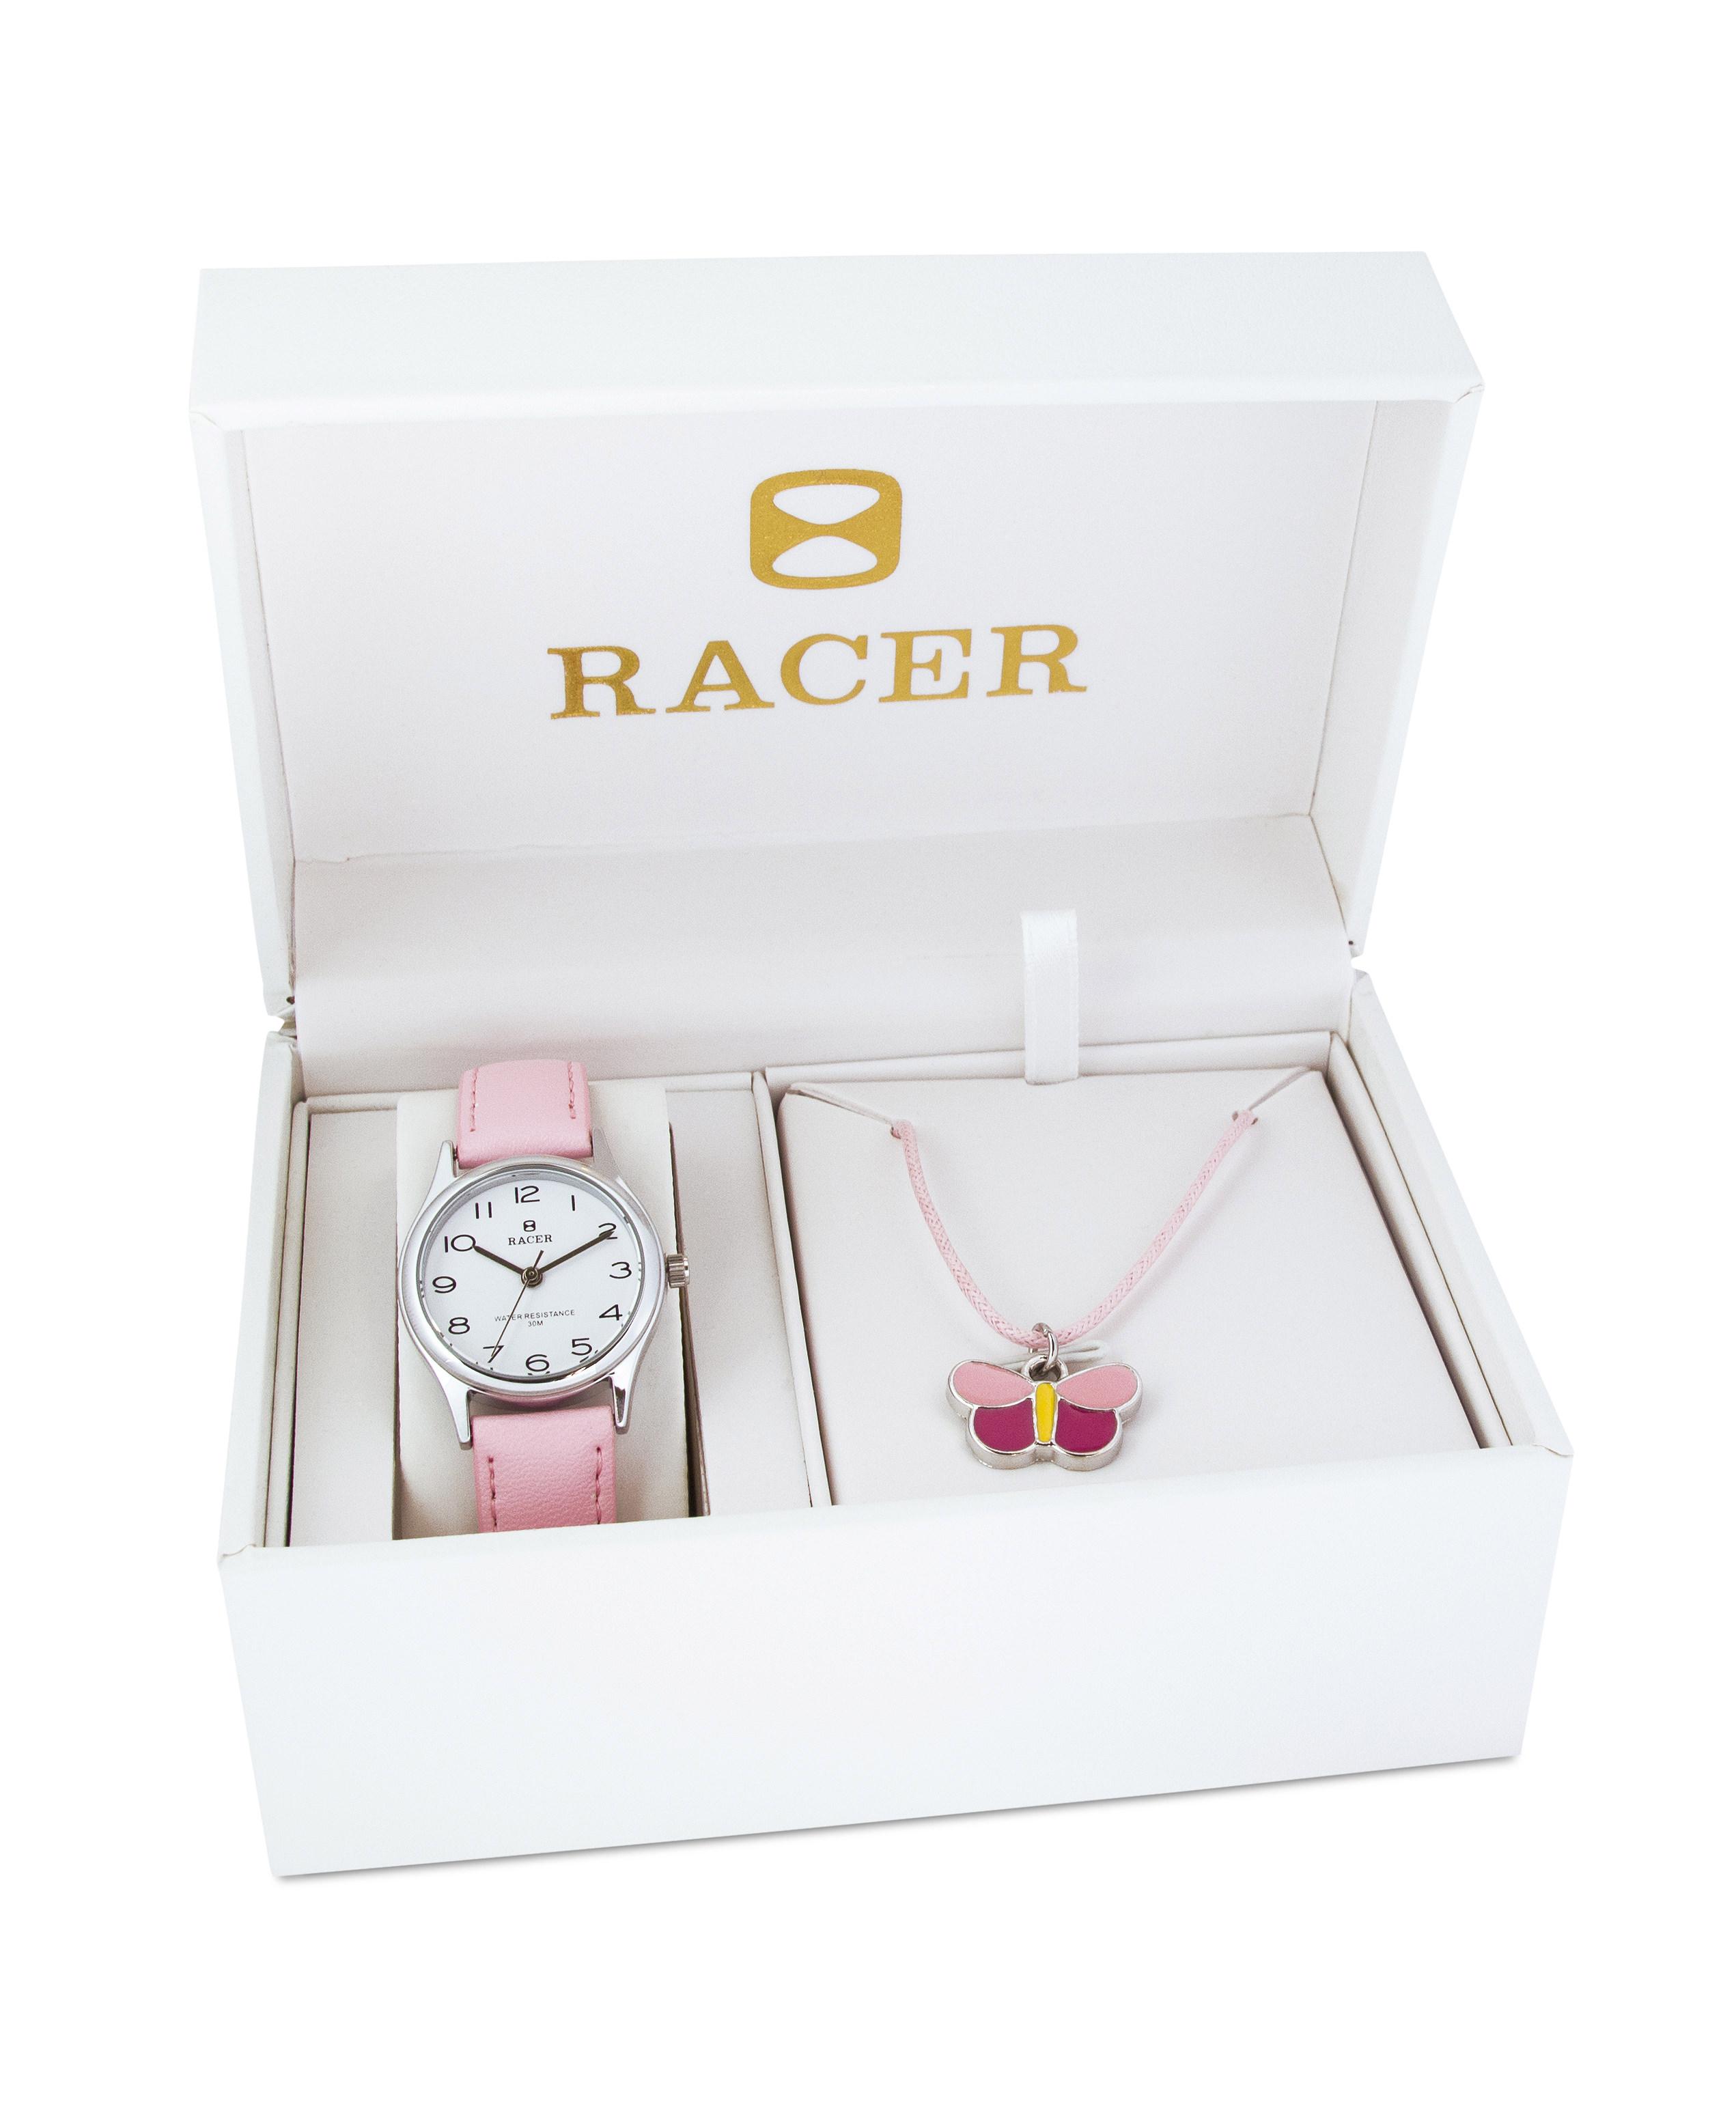 07e89a72bcd2 Vuelven los relojes infantiles para las primeras comuniones y Racer  incorpora nuevos modelos de relojes para niños en ...